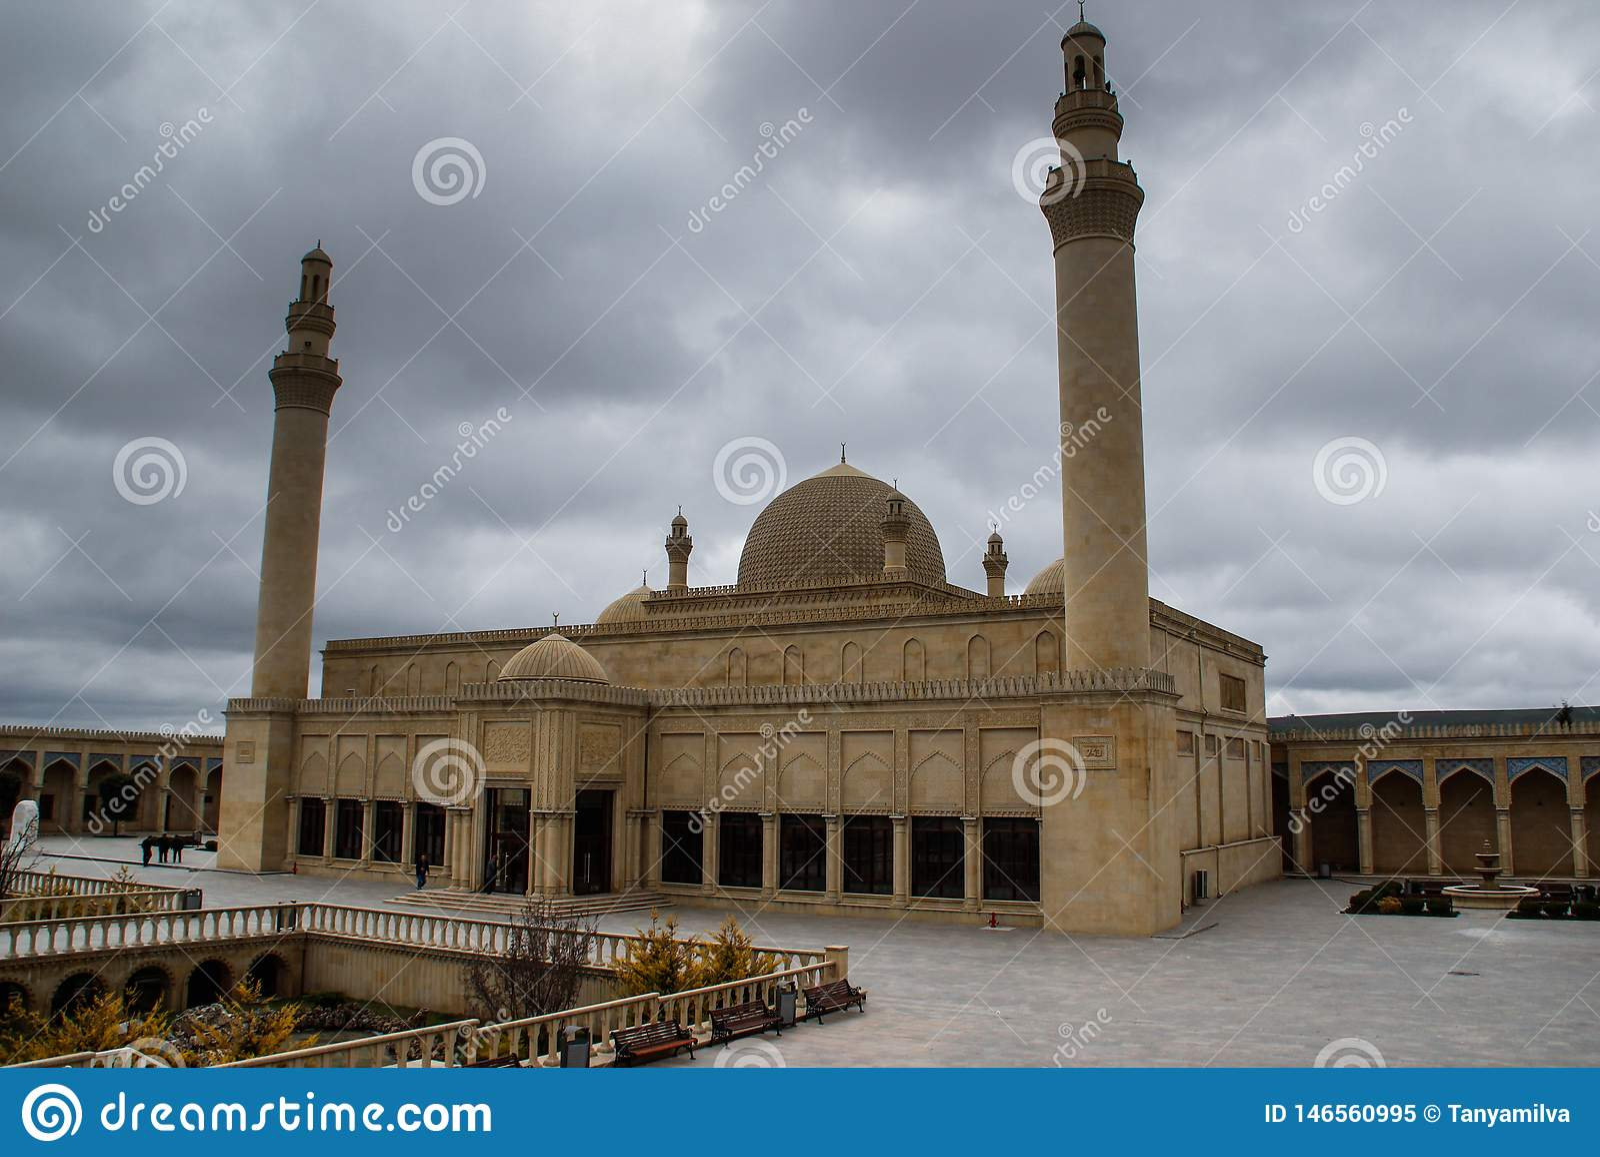 Die älteste Moschee im Kaukasus und im Mittlere Osten - die Moschee Shemakha Juma wurde in 743 errichtet und gehört dem Shirvan A